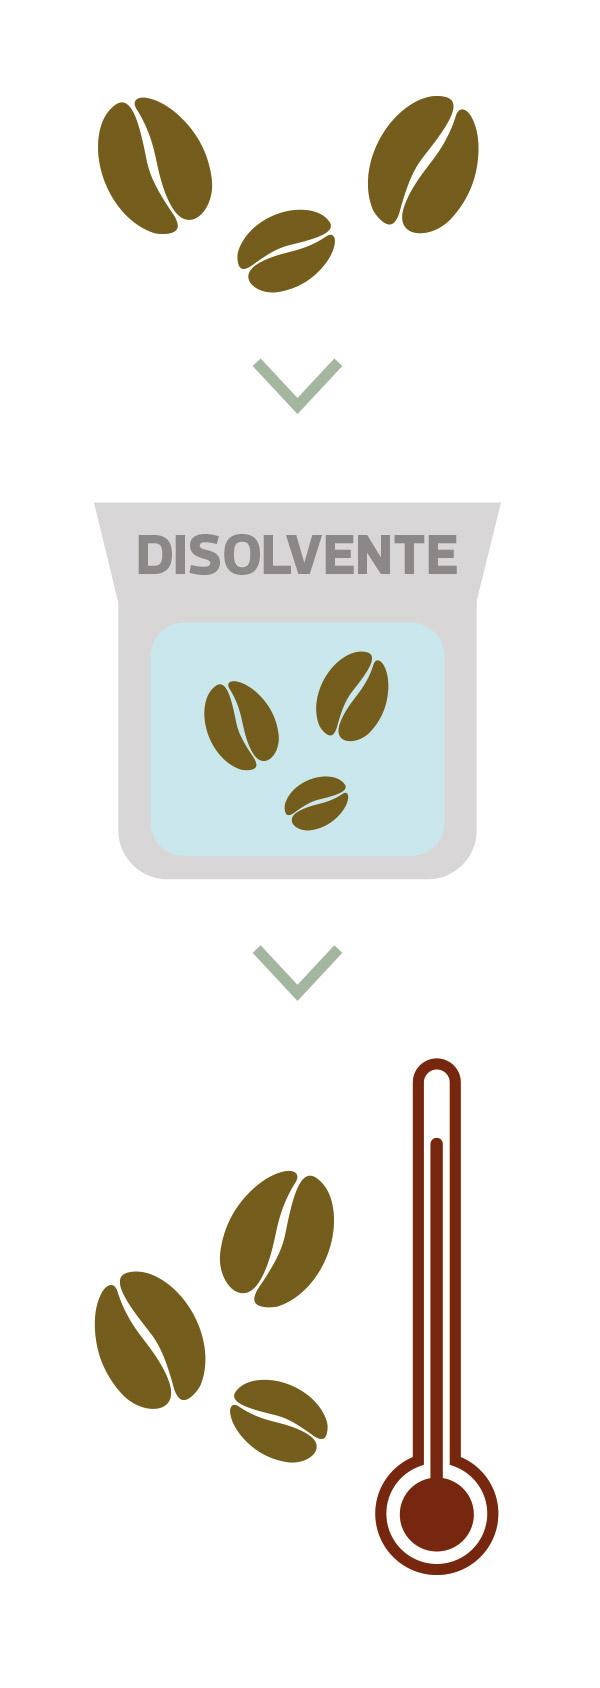 descafeinizacion-disolvente